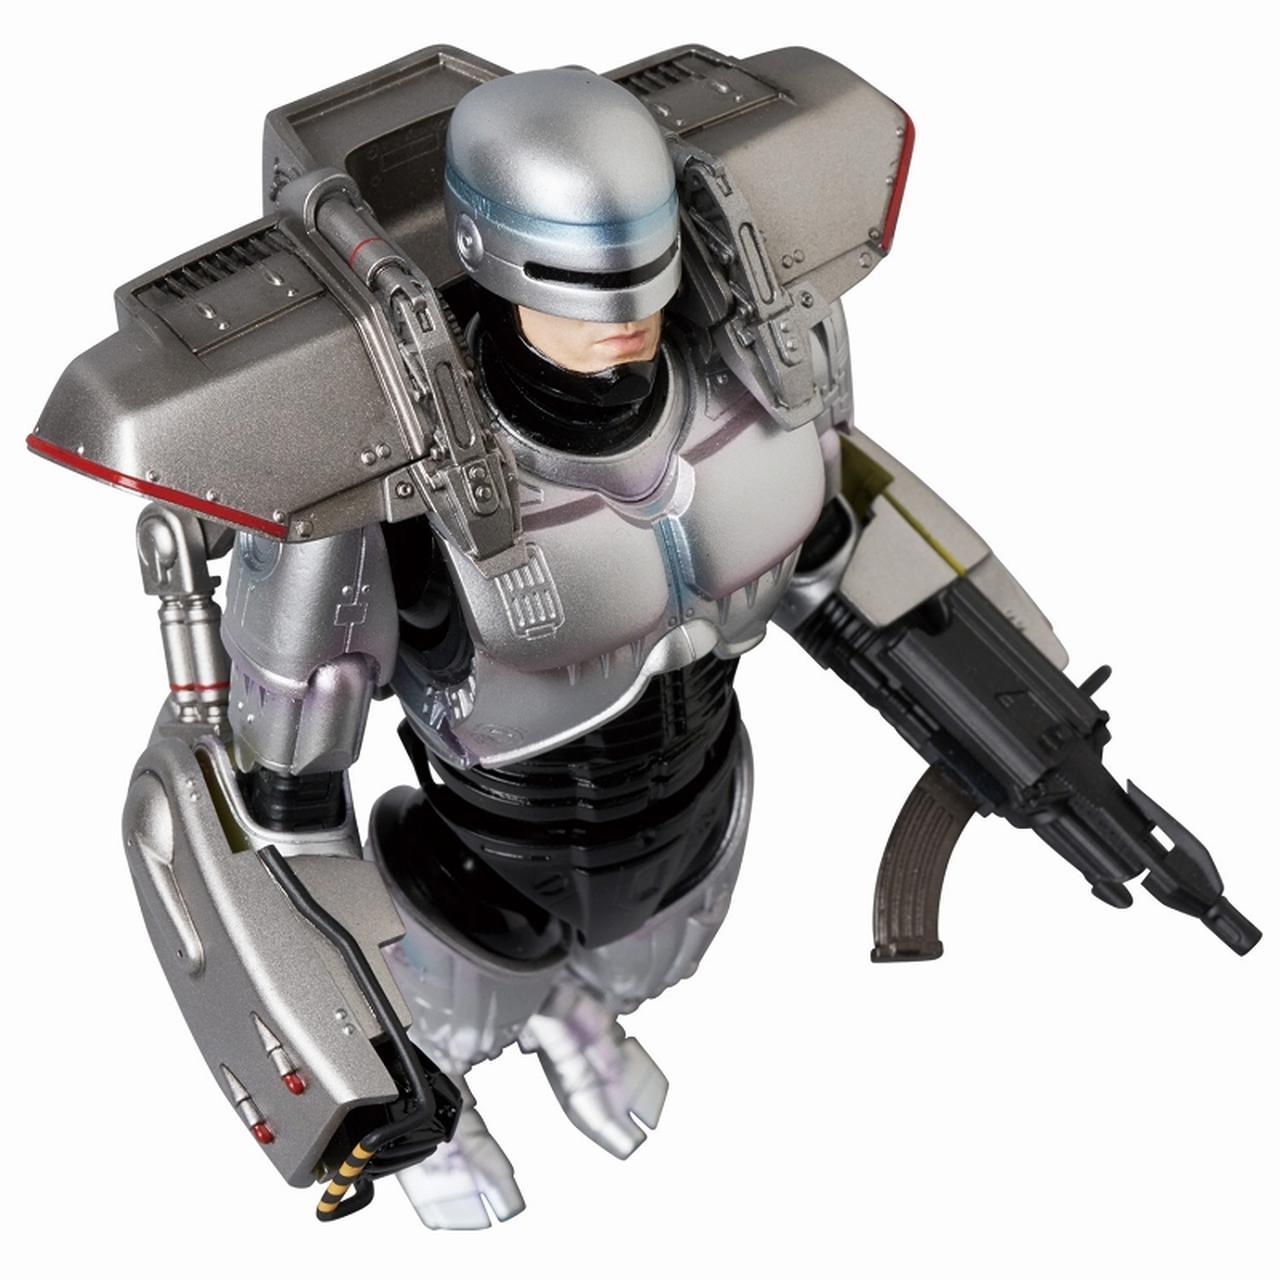 画像1: マフェックス(MAFEX) 「ロボコップ3」 ロボコップ with ジェットパック